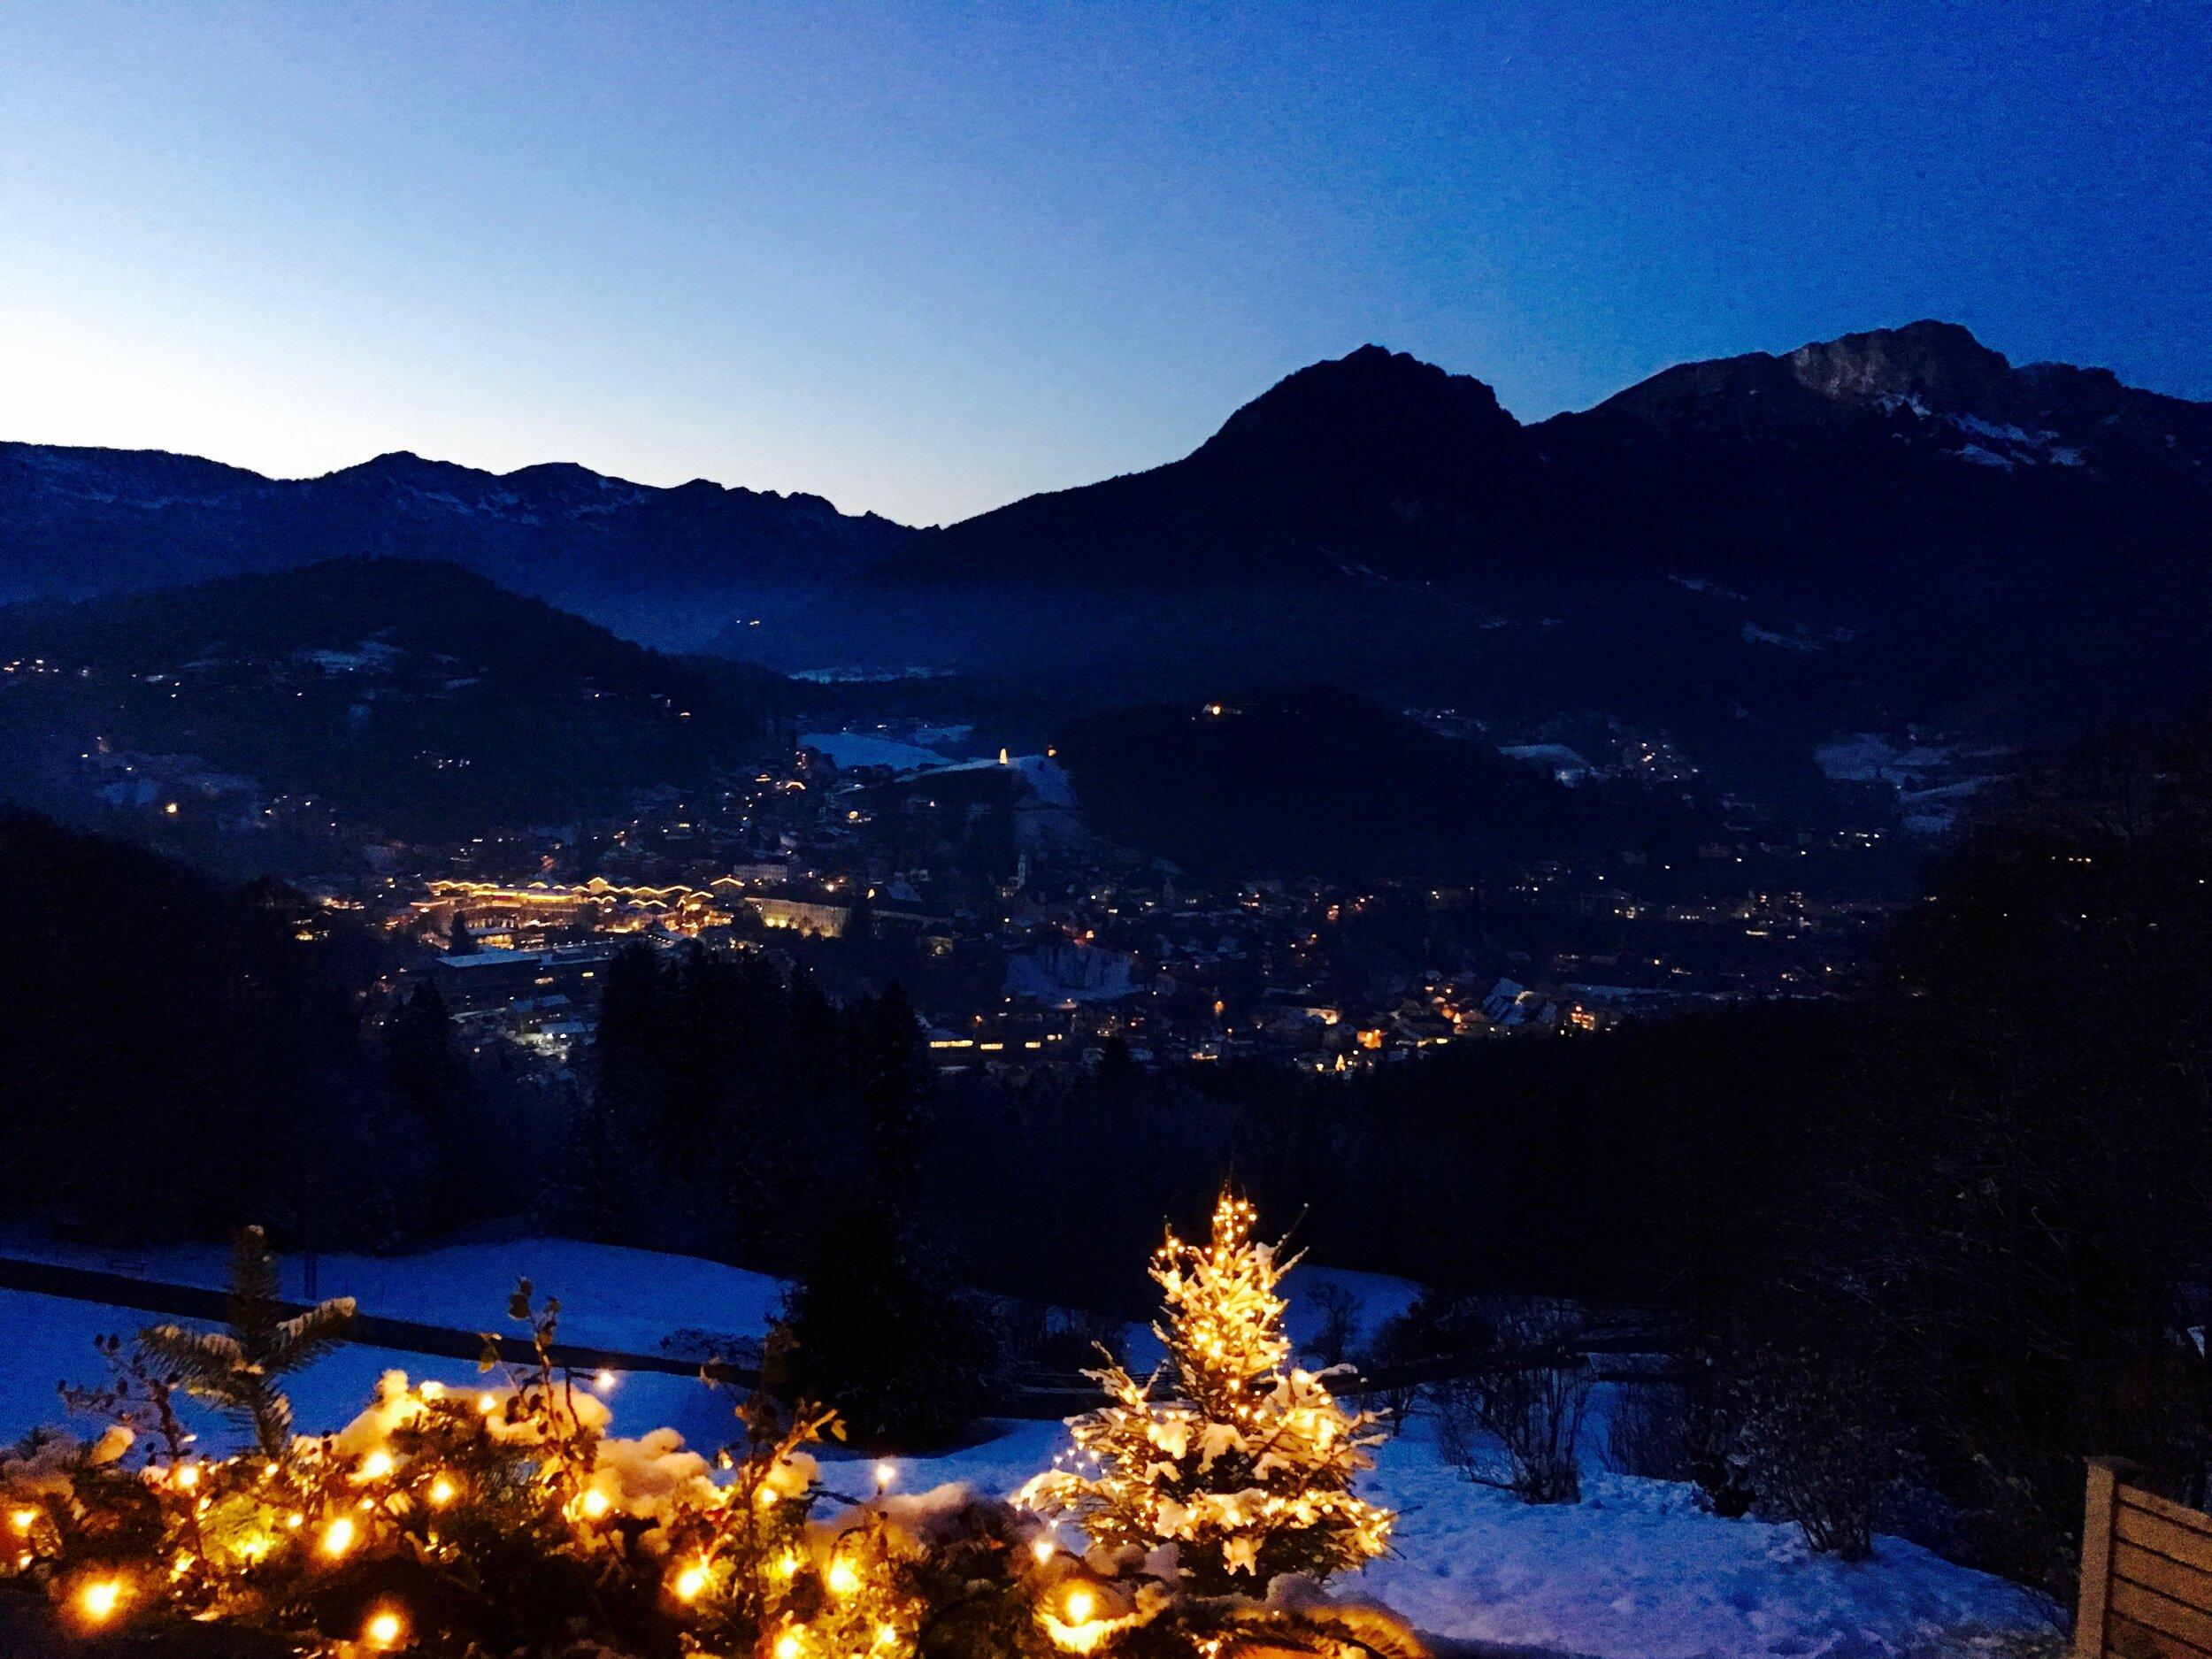 Ausblick auf den Berchtesgadener Advent - Zur Adventszeit erleuchtet der historische Ortskern von Berchtesgaden in einem besonders stimmungsvollen Licht. Für Ihre Weihnachtsfeier stehen Ihnen die Räumlichkeiten sowie die Terrasse der Salzbergalm exklusiv zur Verfügung.